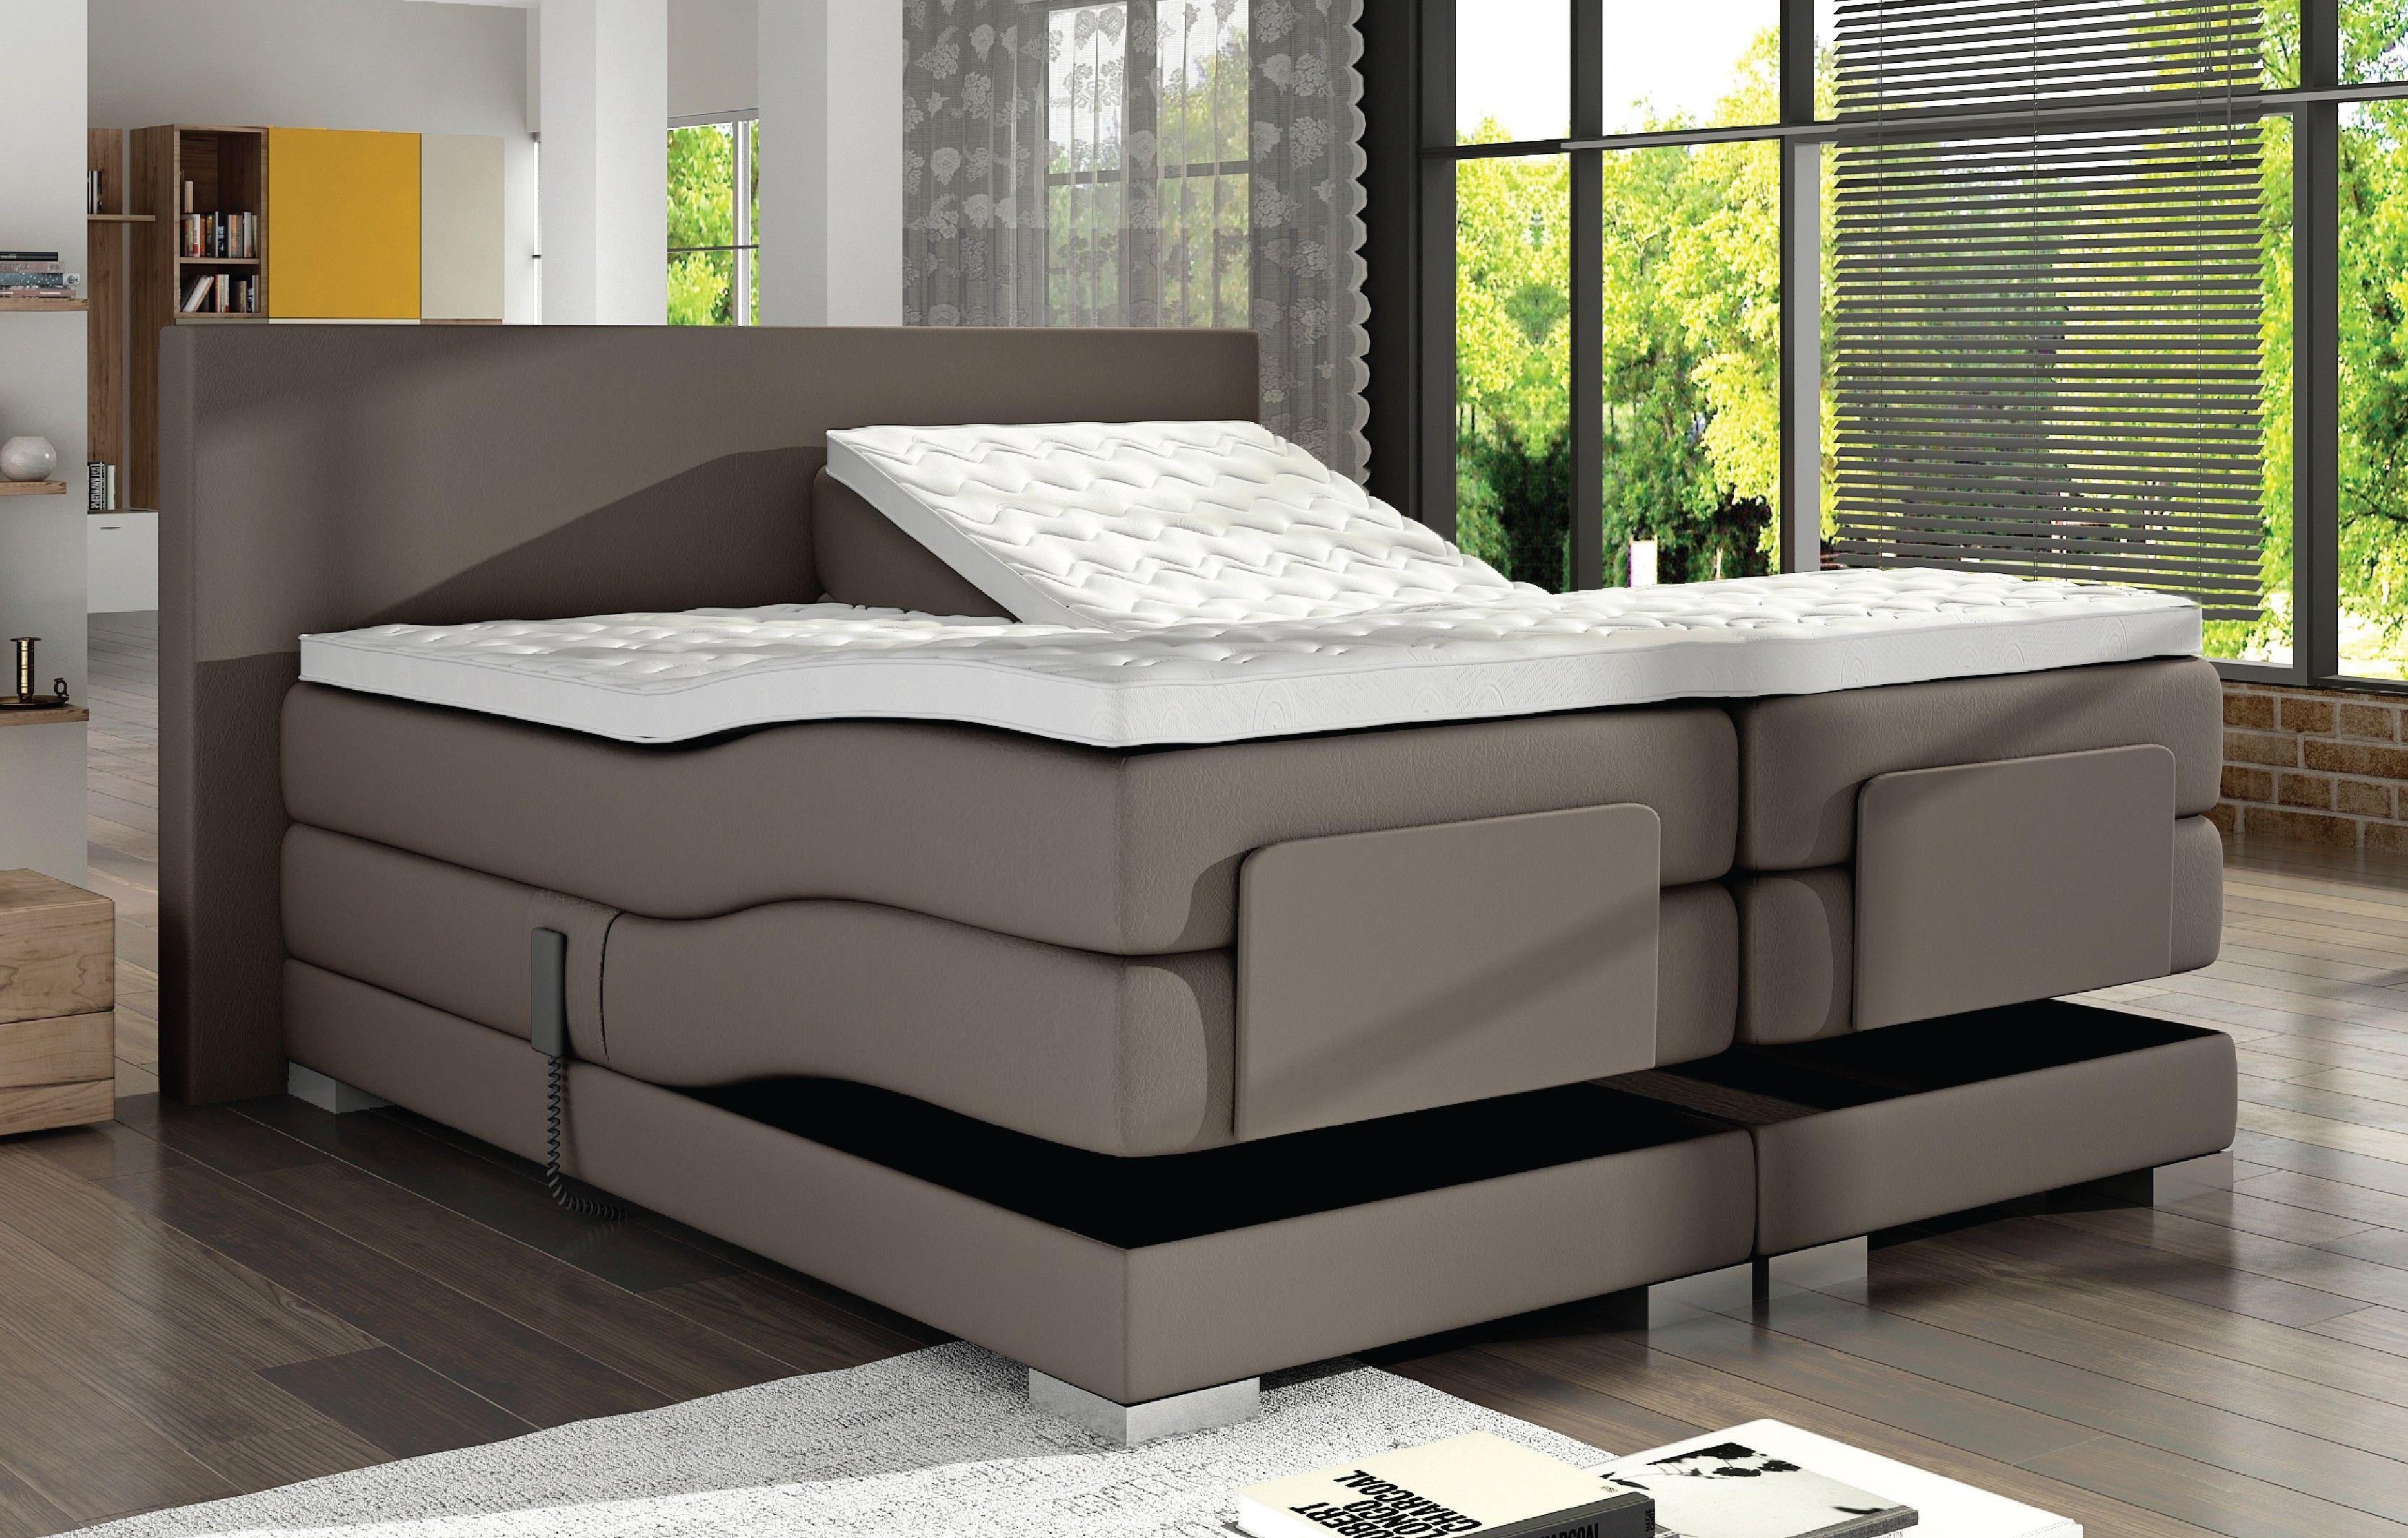 tesla sefa meubel. Black Bedroom Furniture Sets. Home Design Ideas